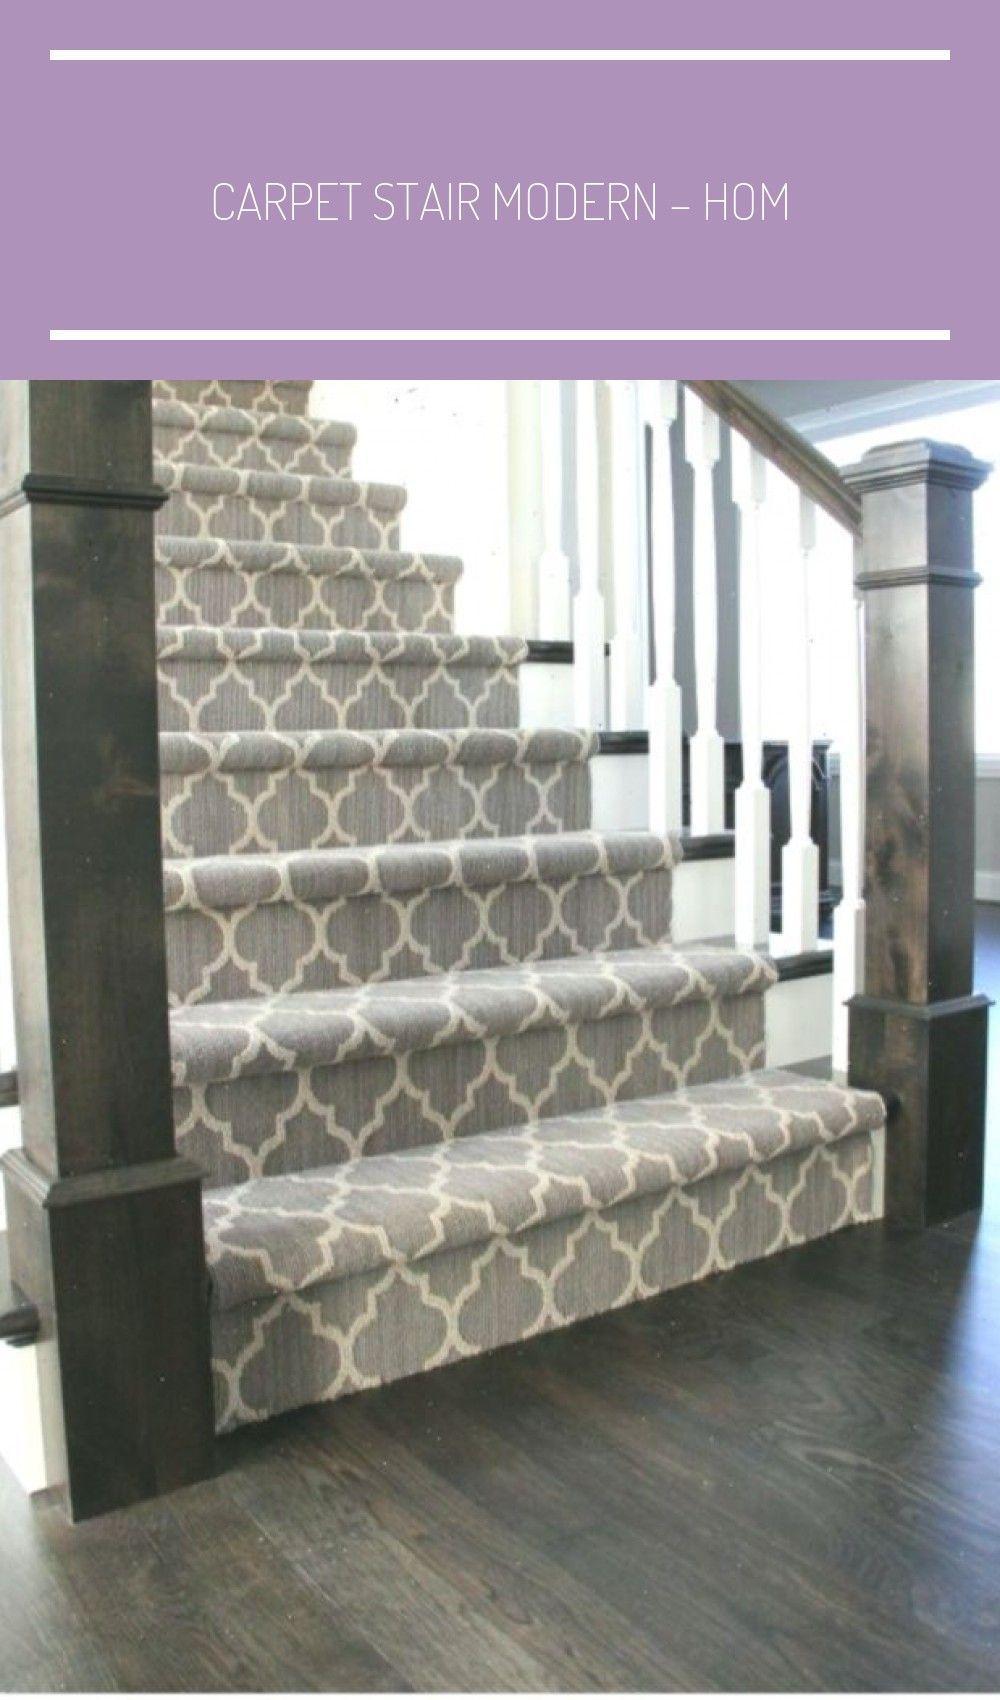 Carpet Stair Modern Home Interior Design Ideas Stairsideas Basementstairsi St Stair In 2020 Modern Home Interior Design Modern Houses Interior Home Interior Design